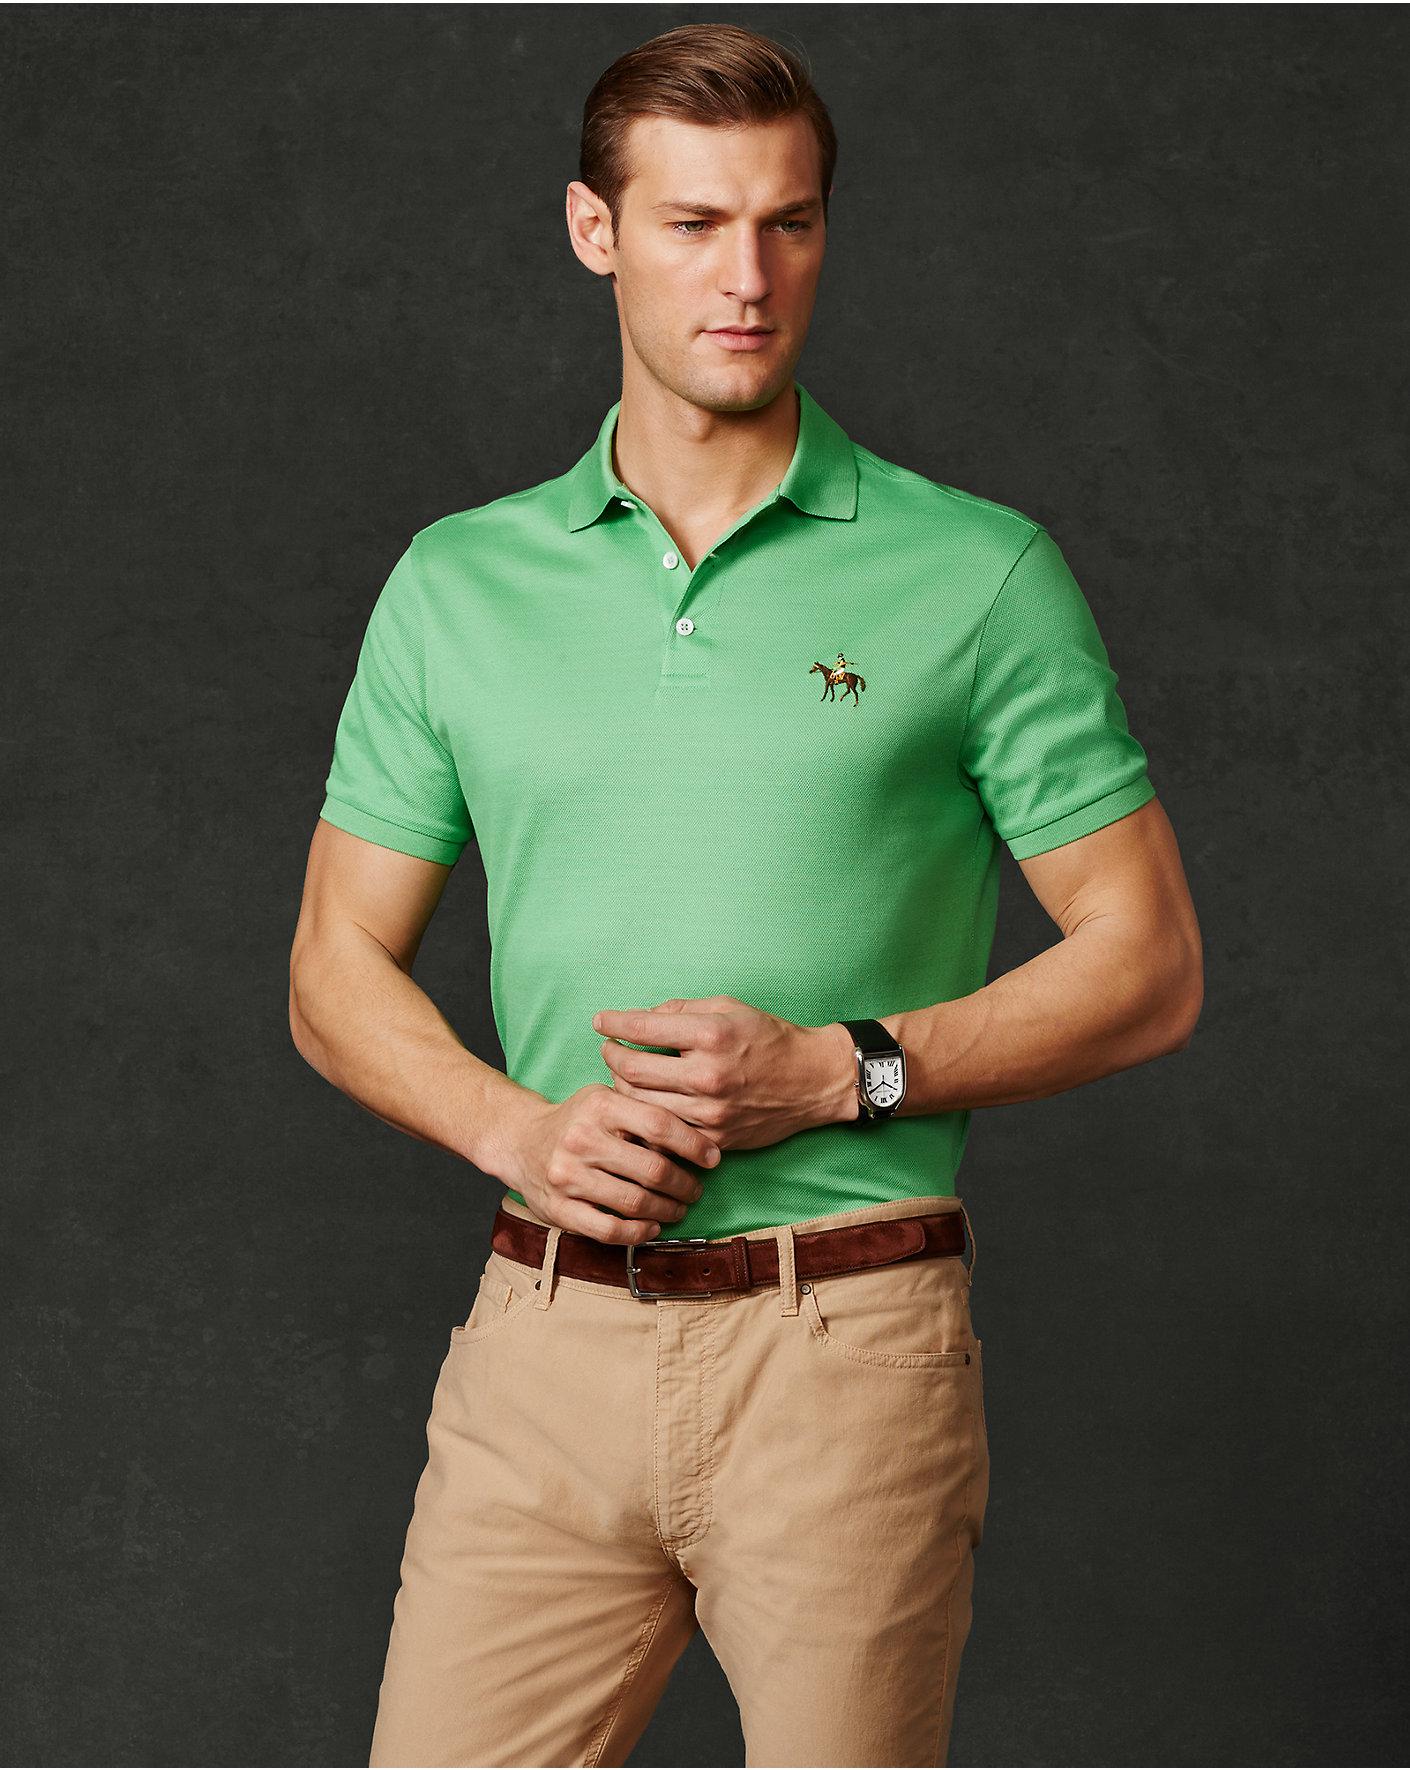 Ralph Lauren Men Polo T'shirt Designs In Pkaistan